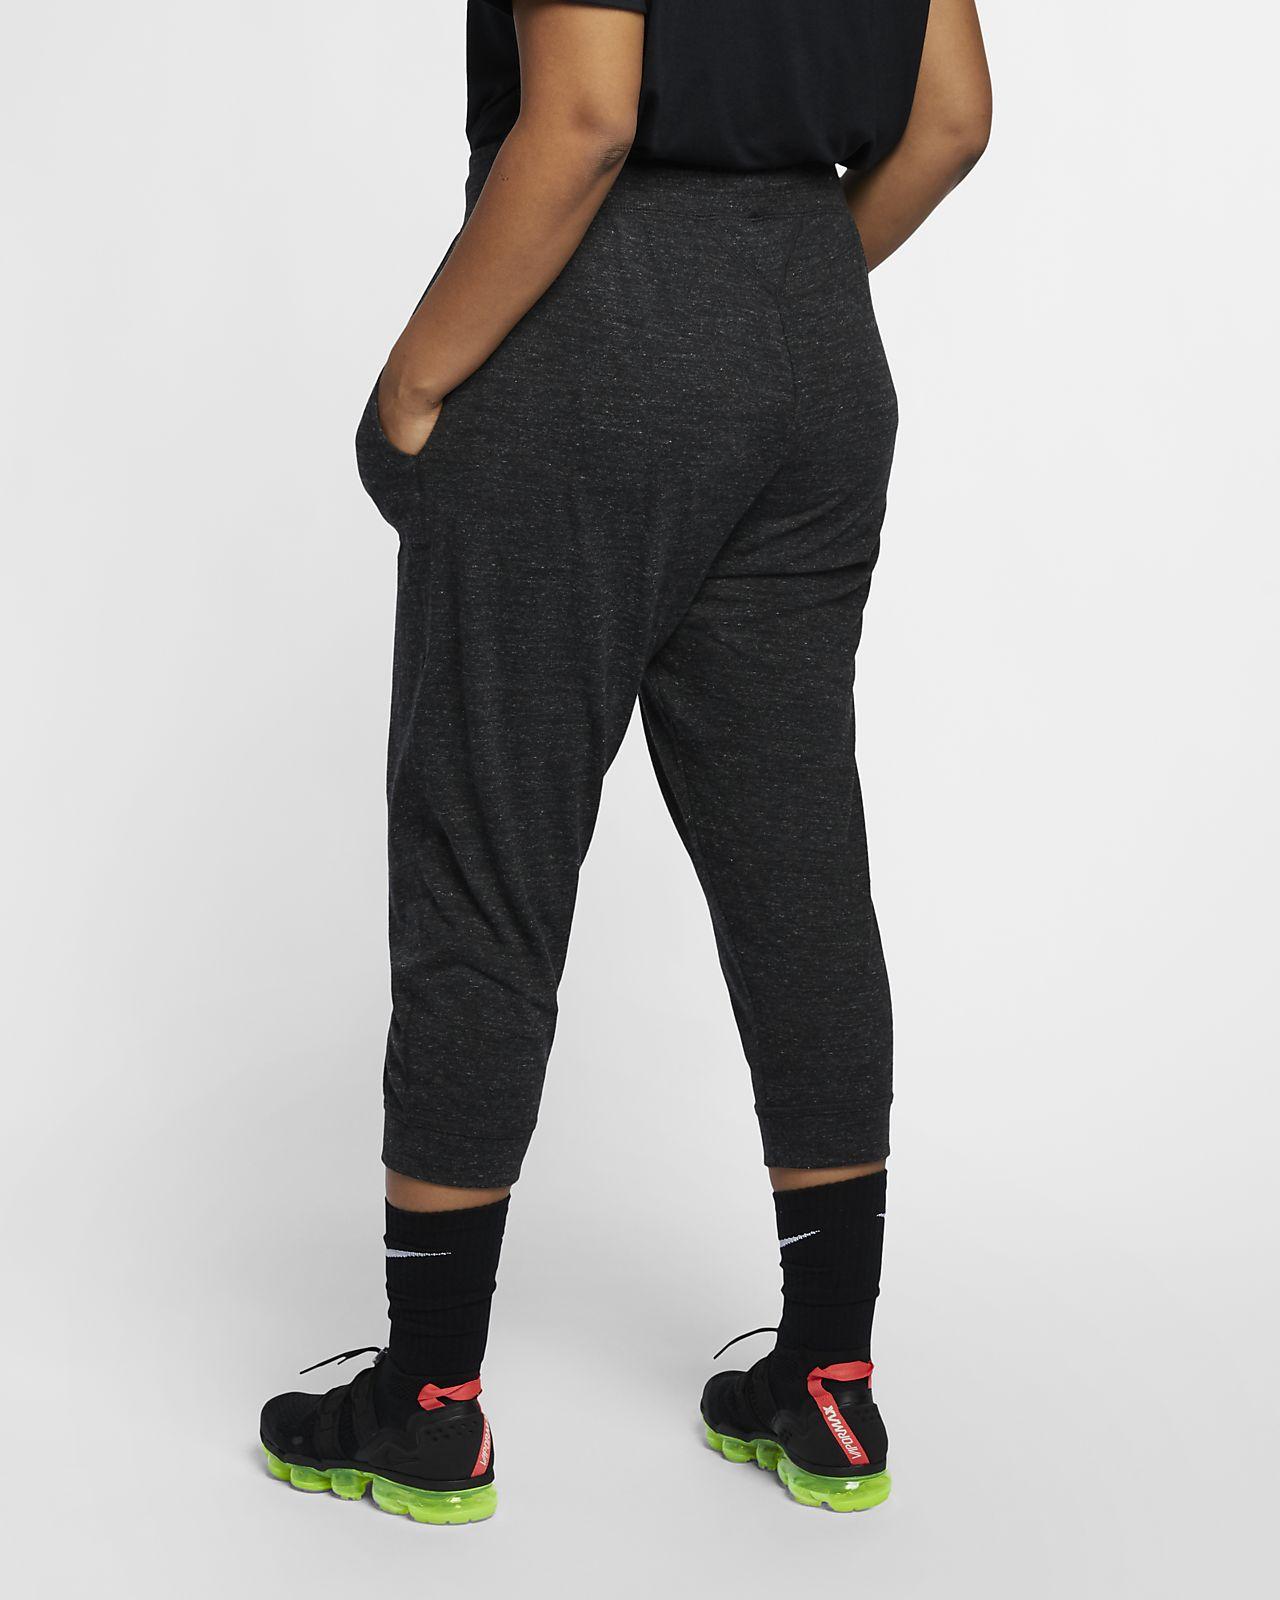 cd1902512 Nike Sportswear Vintage (Plus Size) Women s Crops. Nike.com